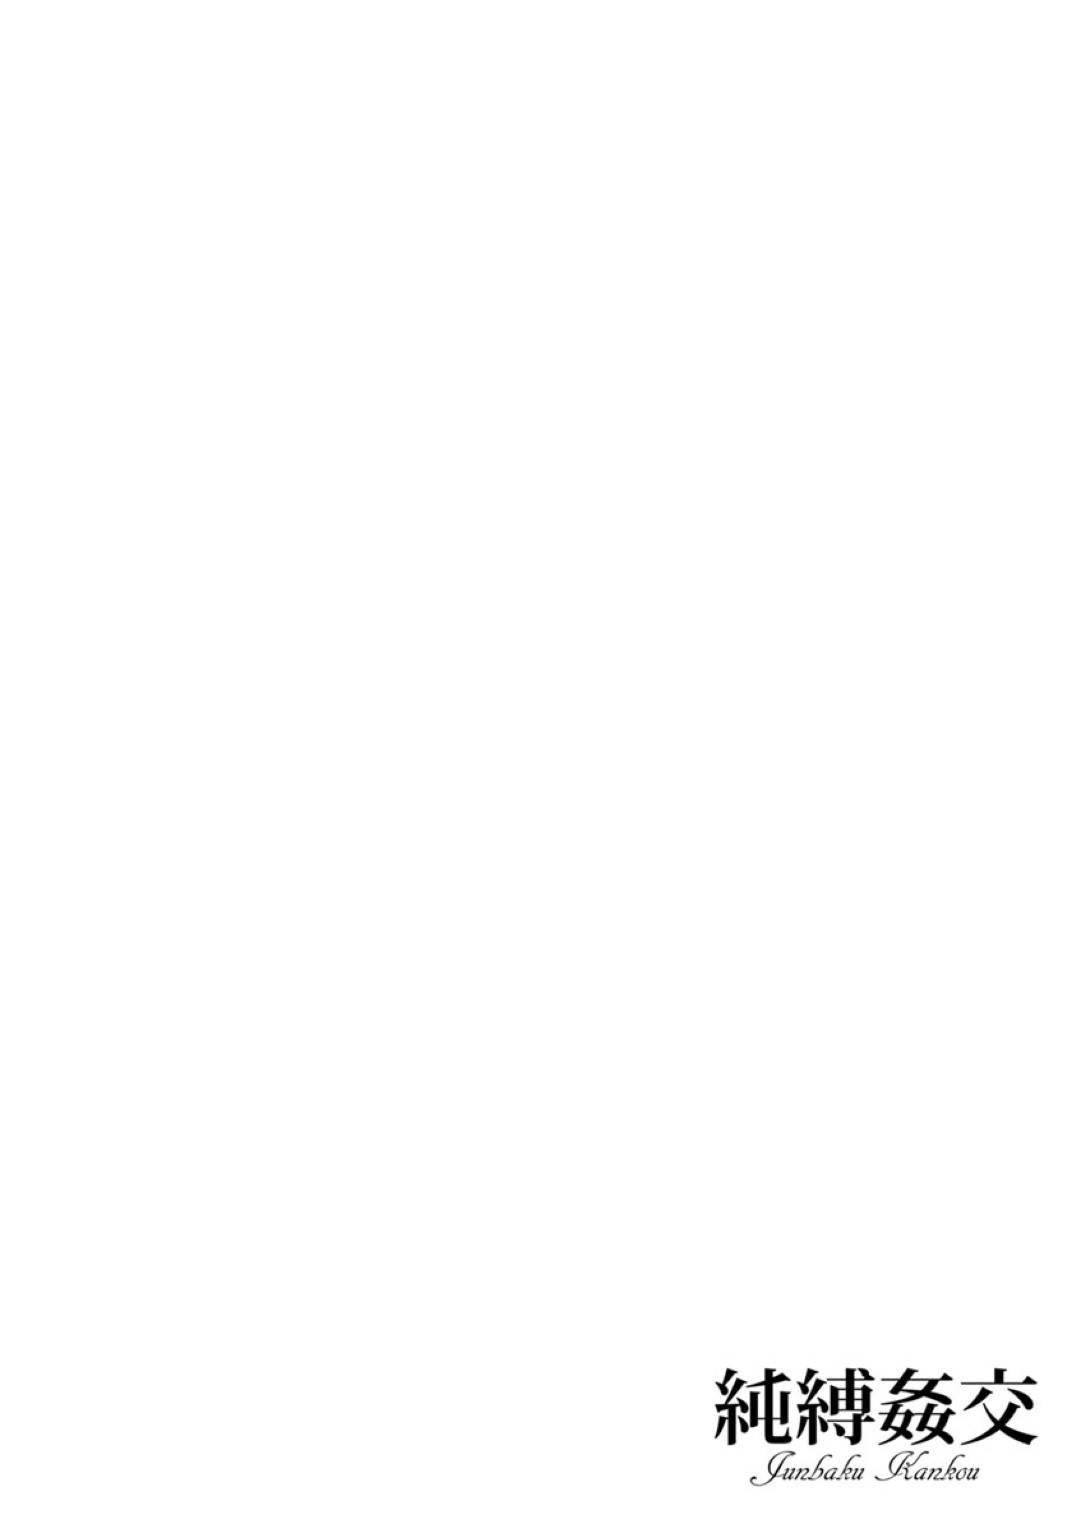 【輪姦寝取られエロ漫画】水泳部の後輩男子にご奉仕していることが他の男子にバレて輪姦されるJK【鬼島大車輪】